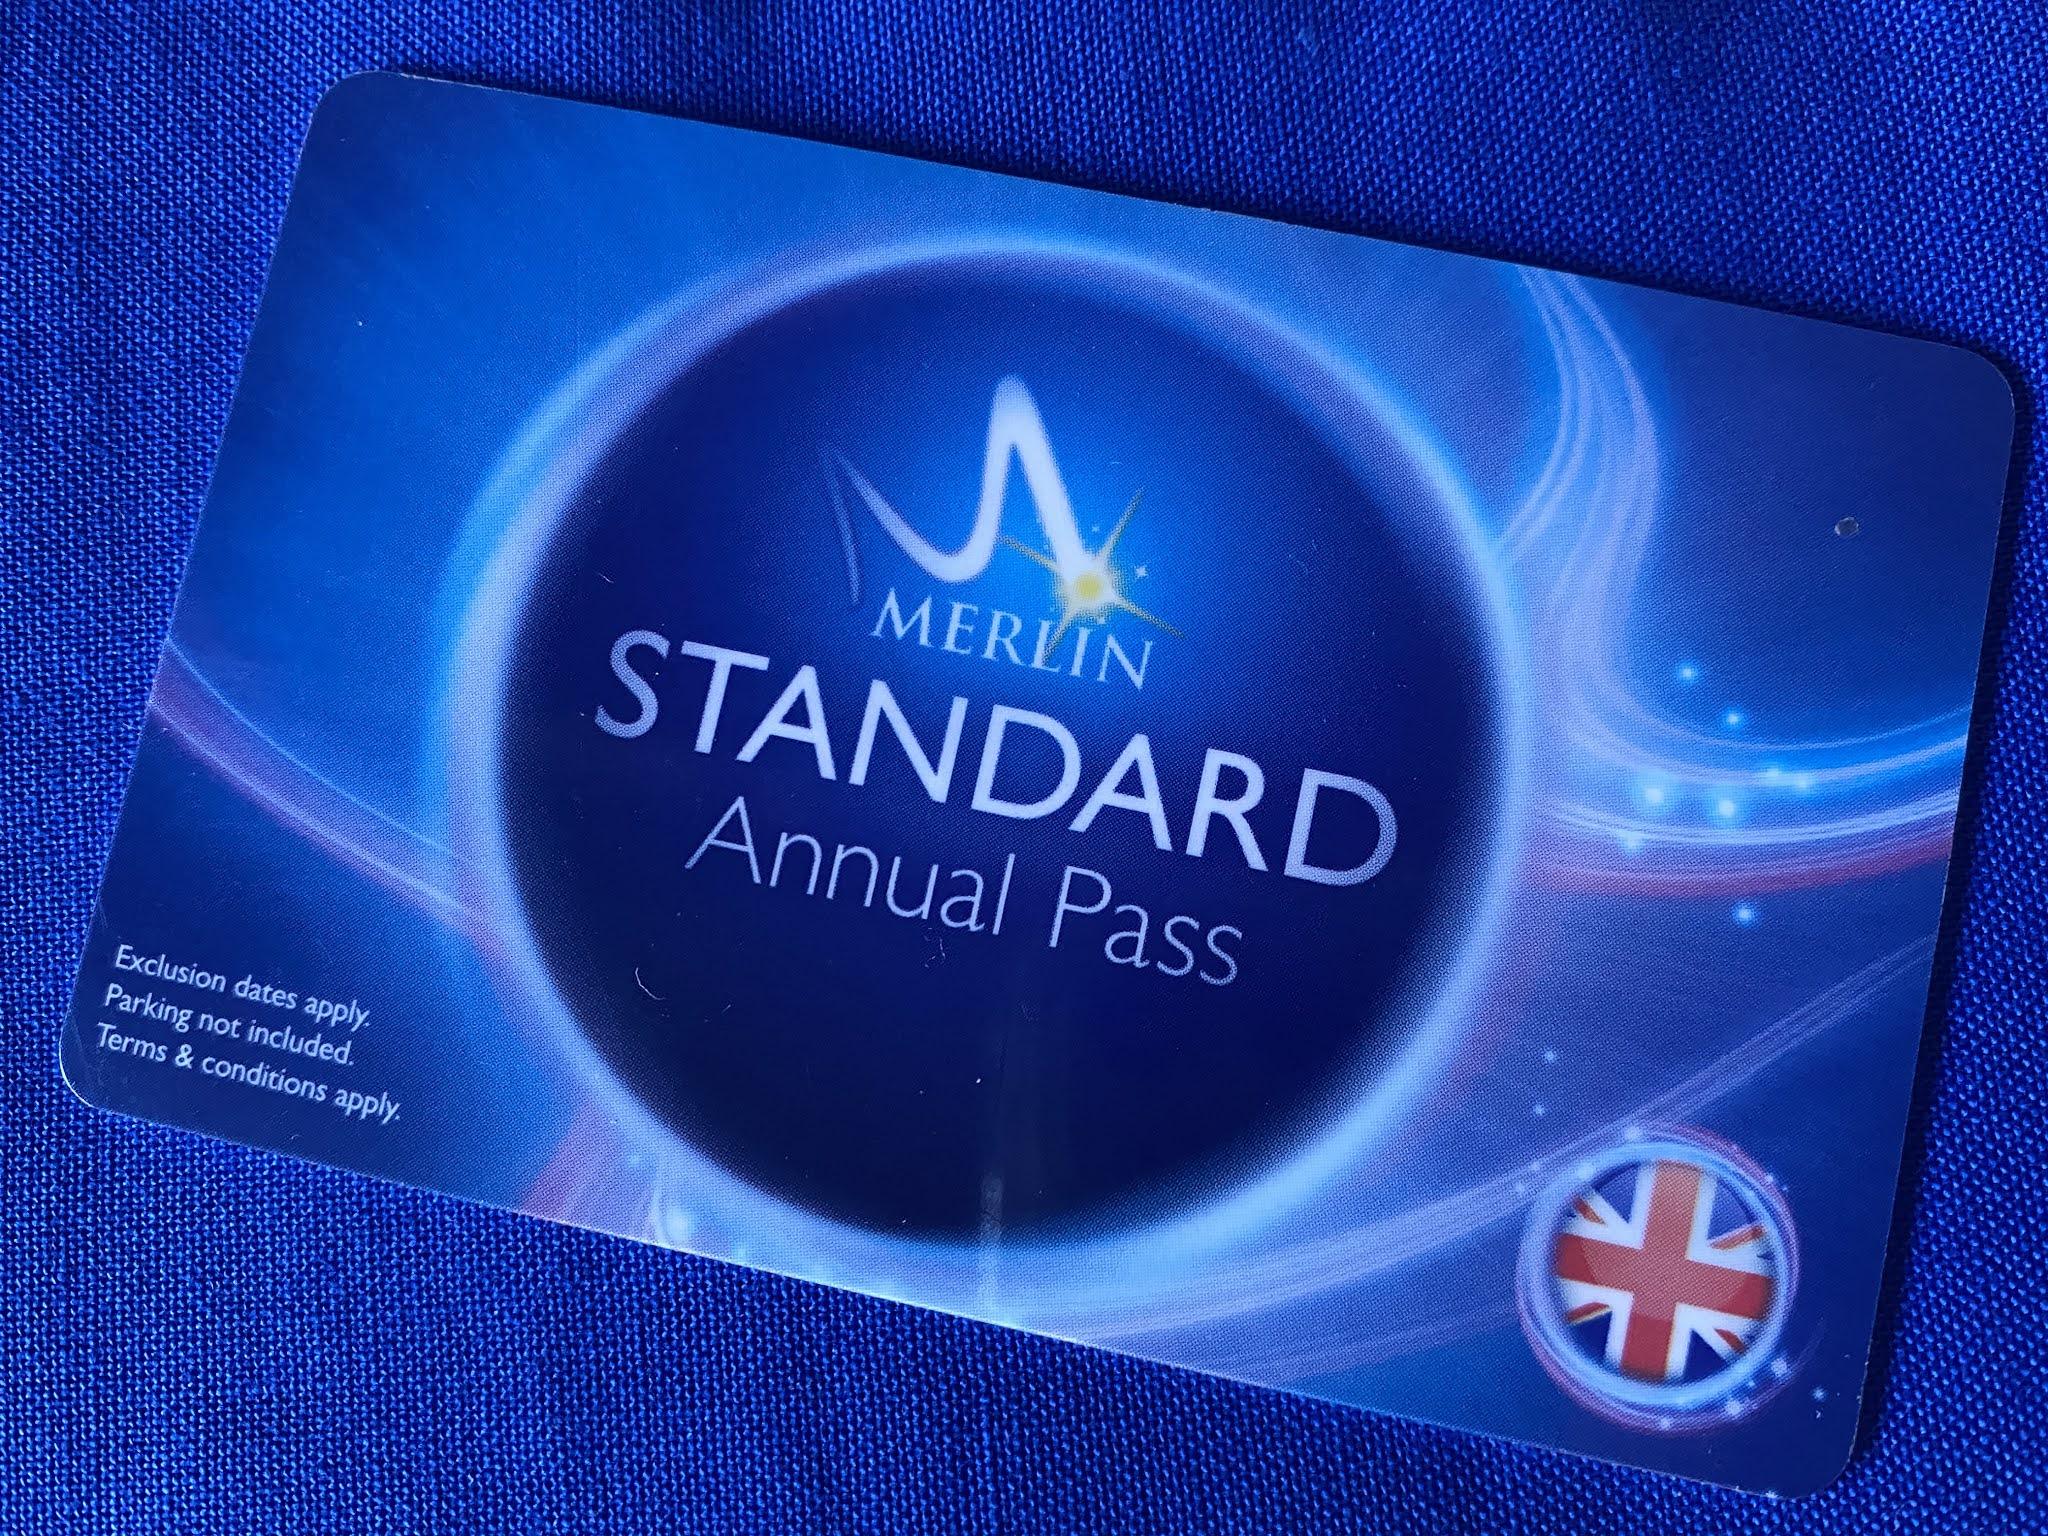 Merlin Standard Annual Pass